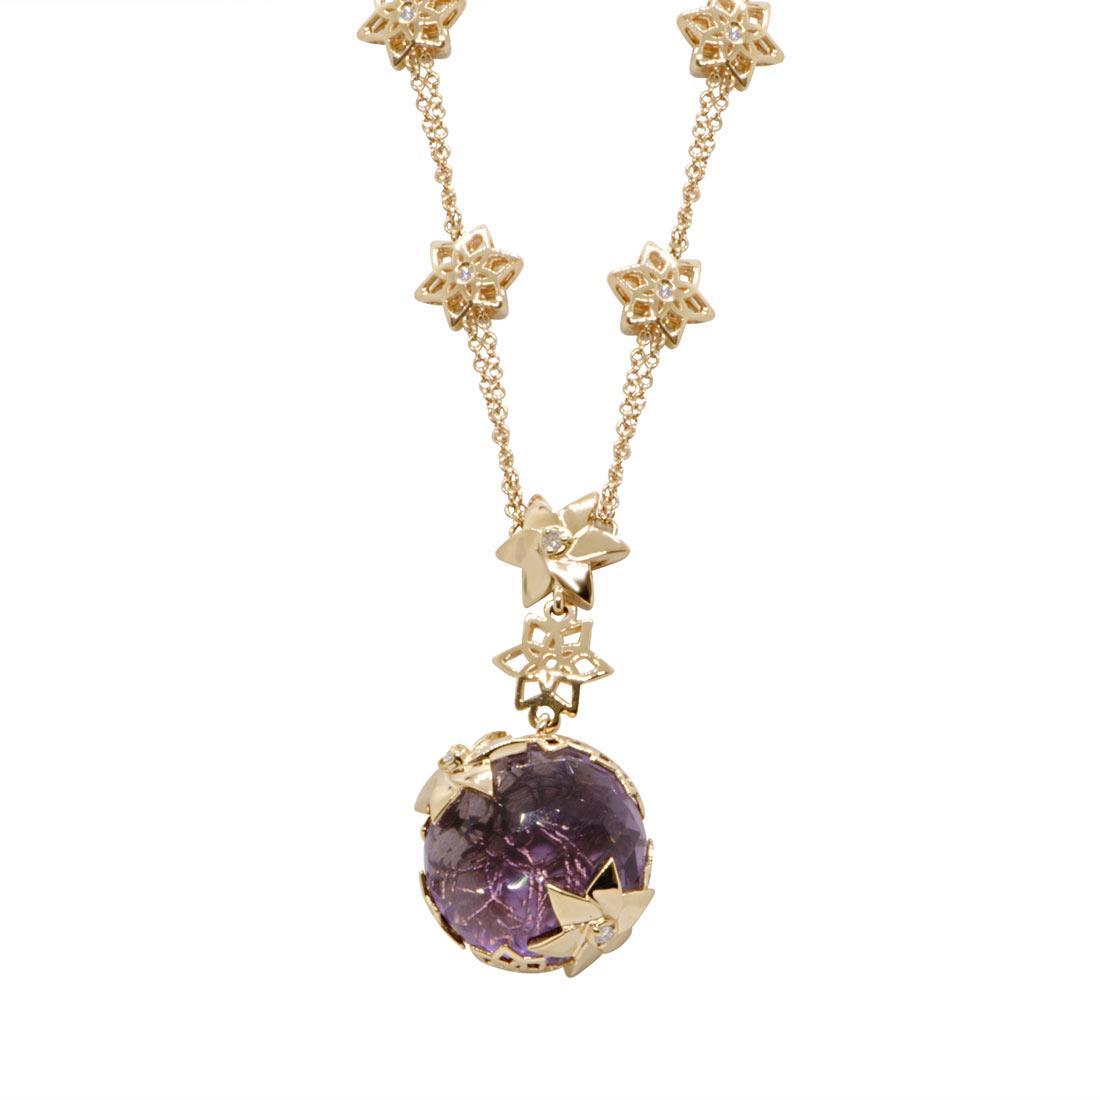 Collana in oro giallo con pietra semipreziosa e diamanti  - ALFIERI & ST. JOHN